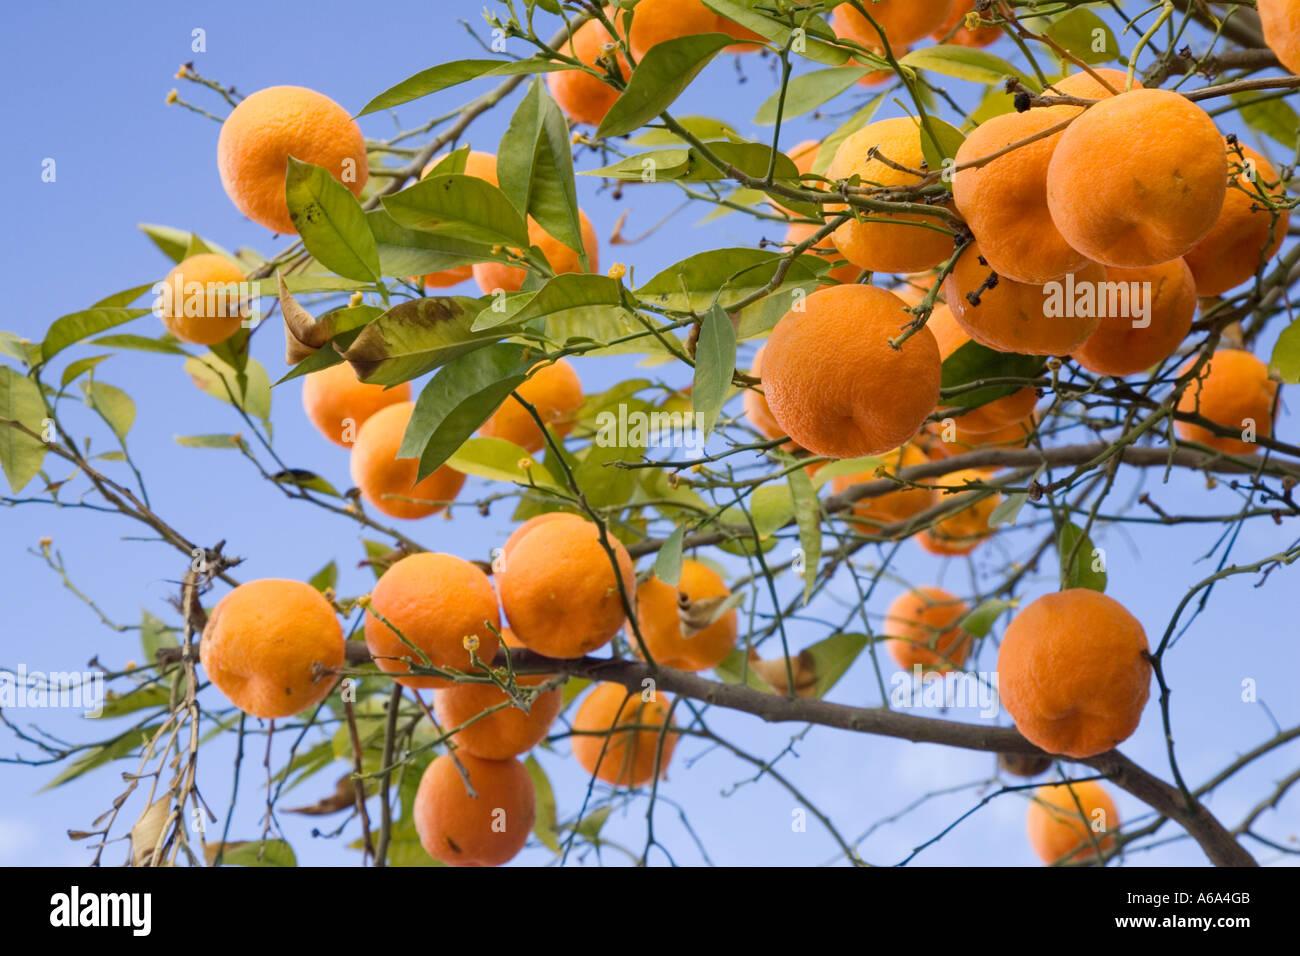 Bitter oranges on tree, Seville, Spain Stock Photo